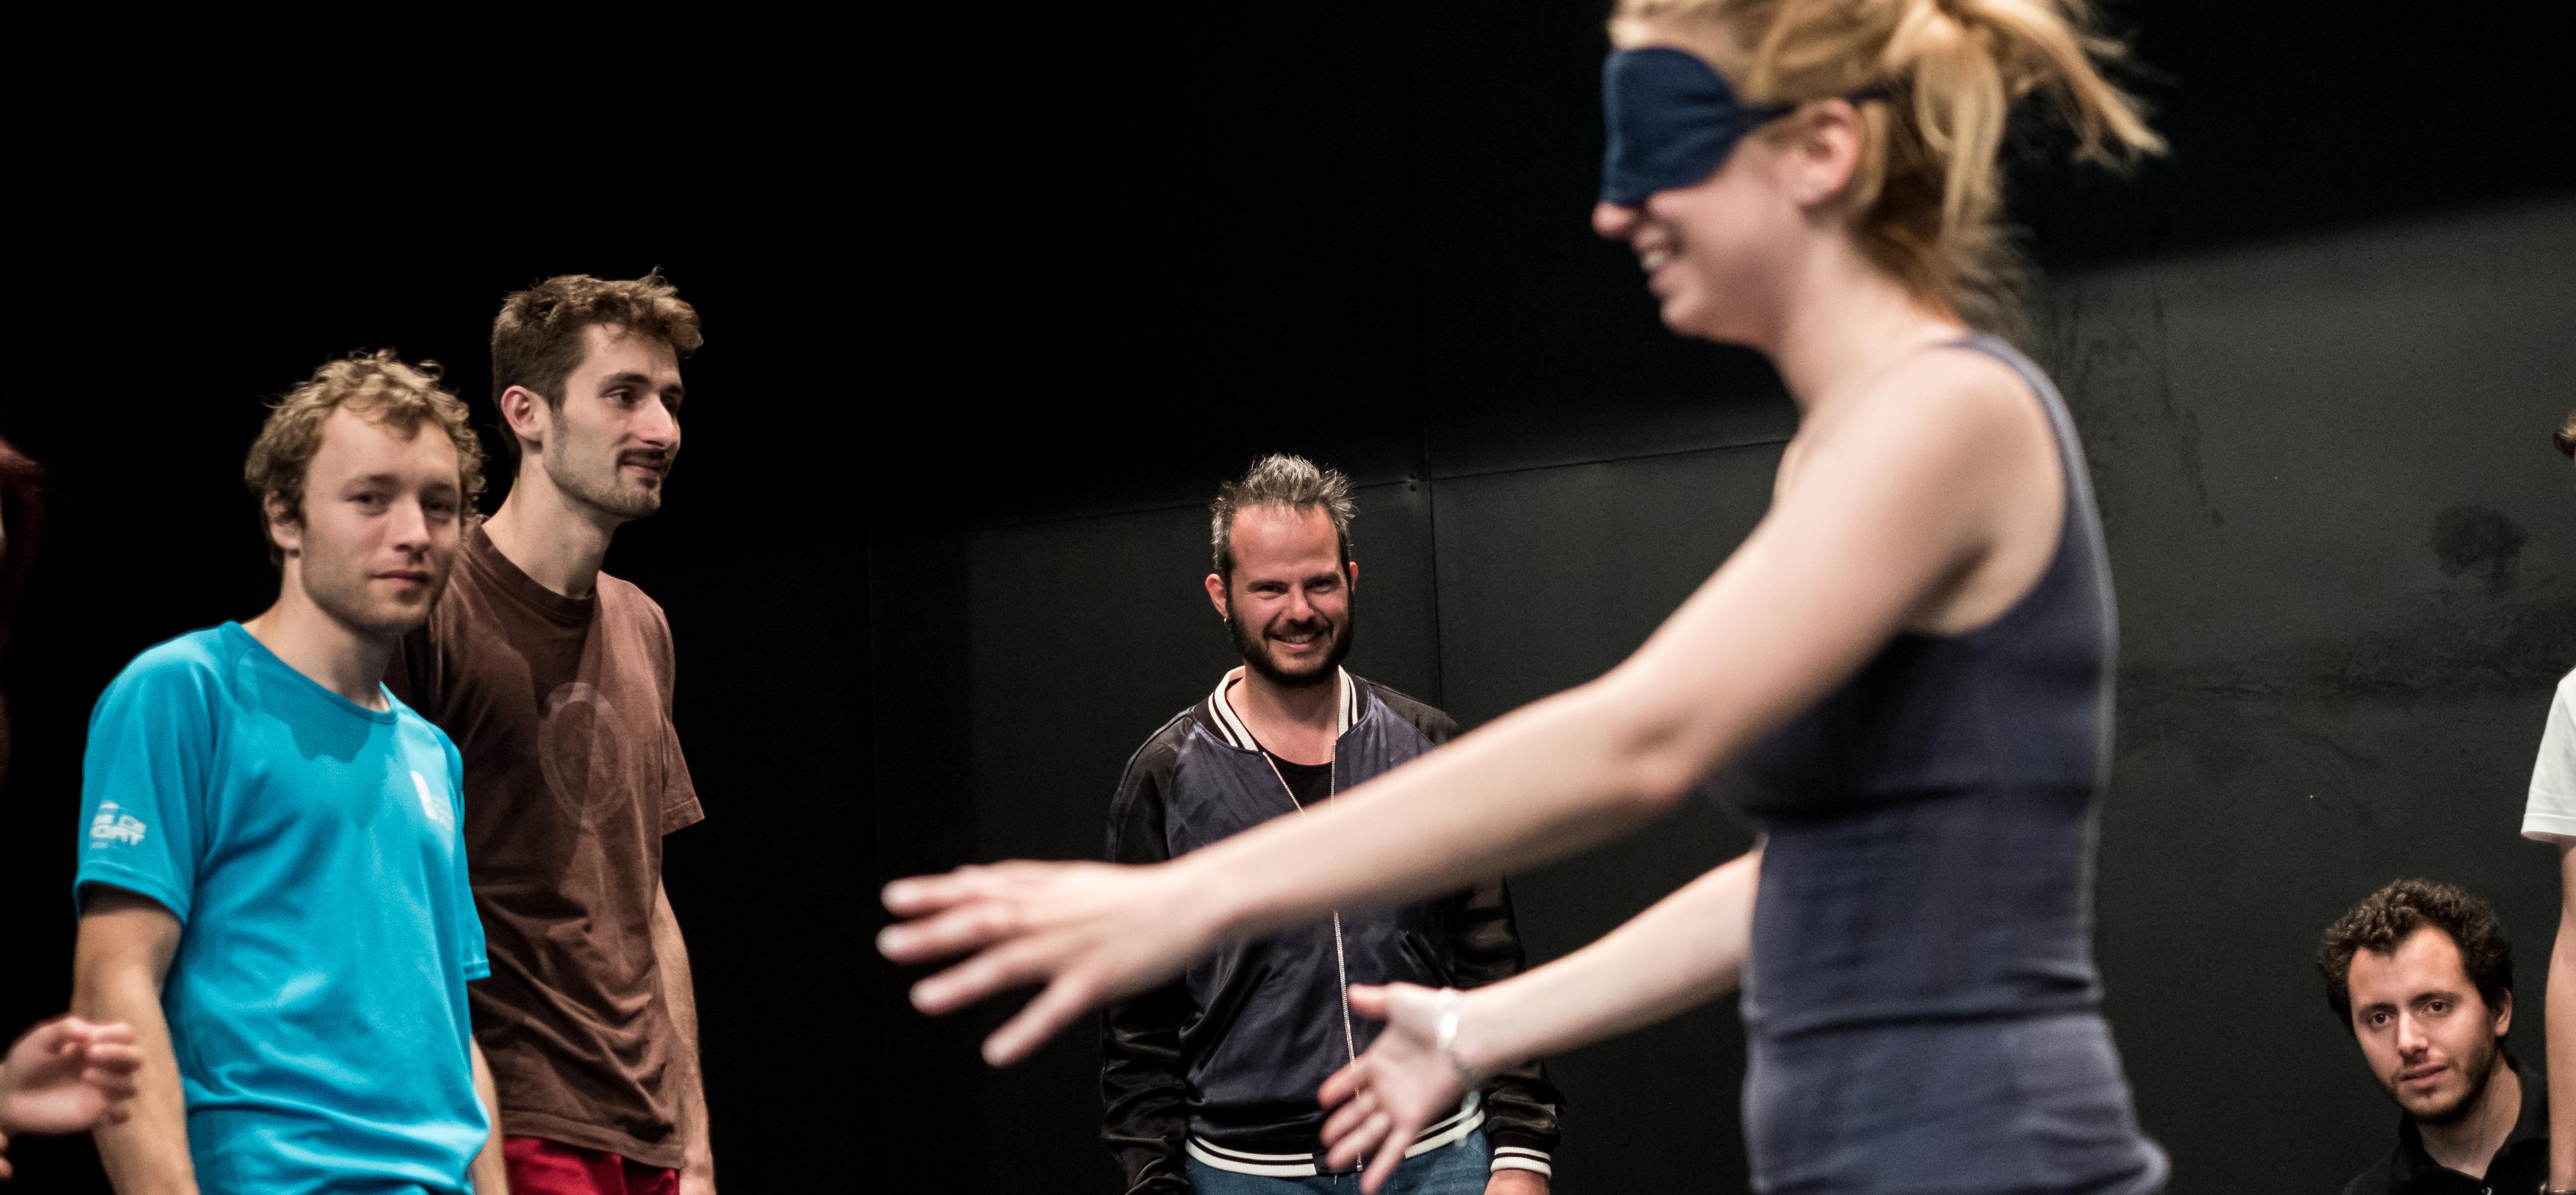 Yoann Bourgeois (au centre) à EST, lors de l'Atelier du joueur, le 12 avril 2017 © Pablo Chignard